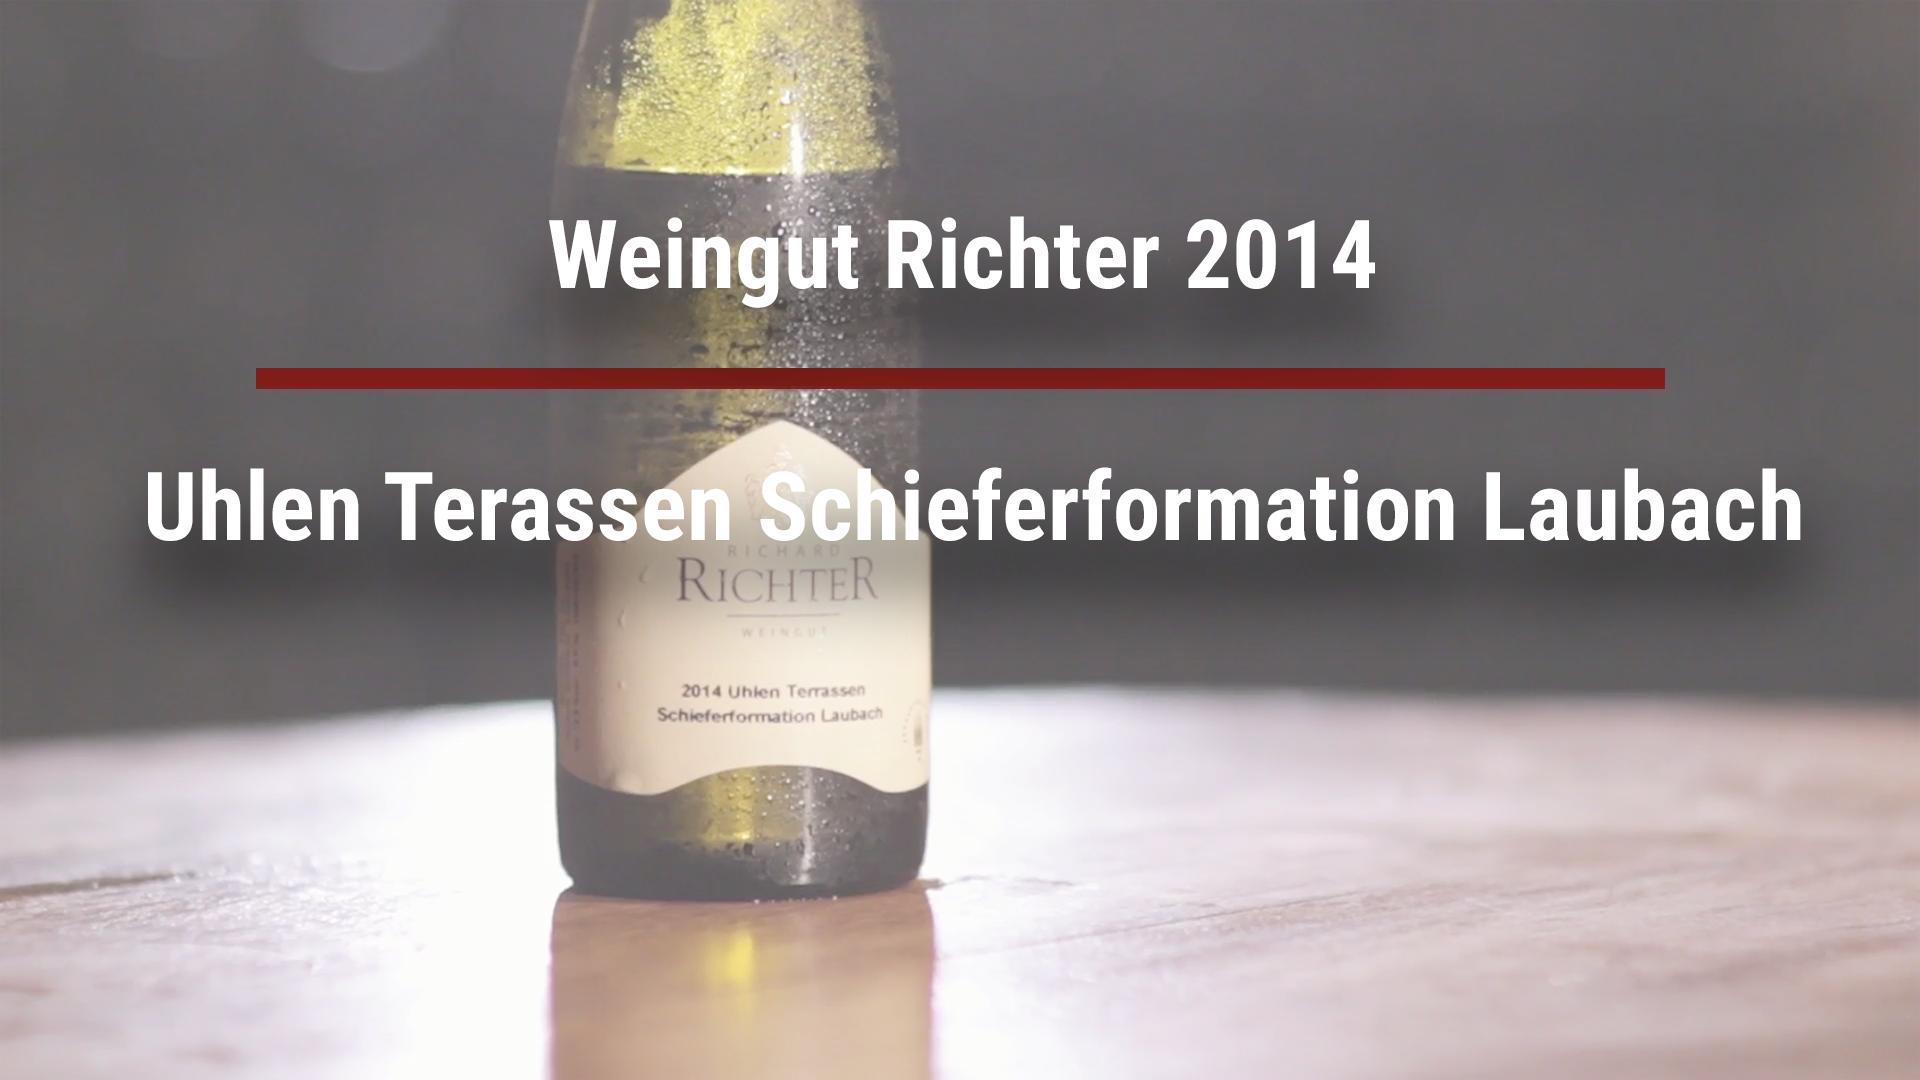 Winery Richter 2014 Uhlen Terassen Schieferformation Laubach